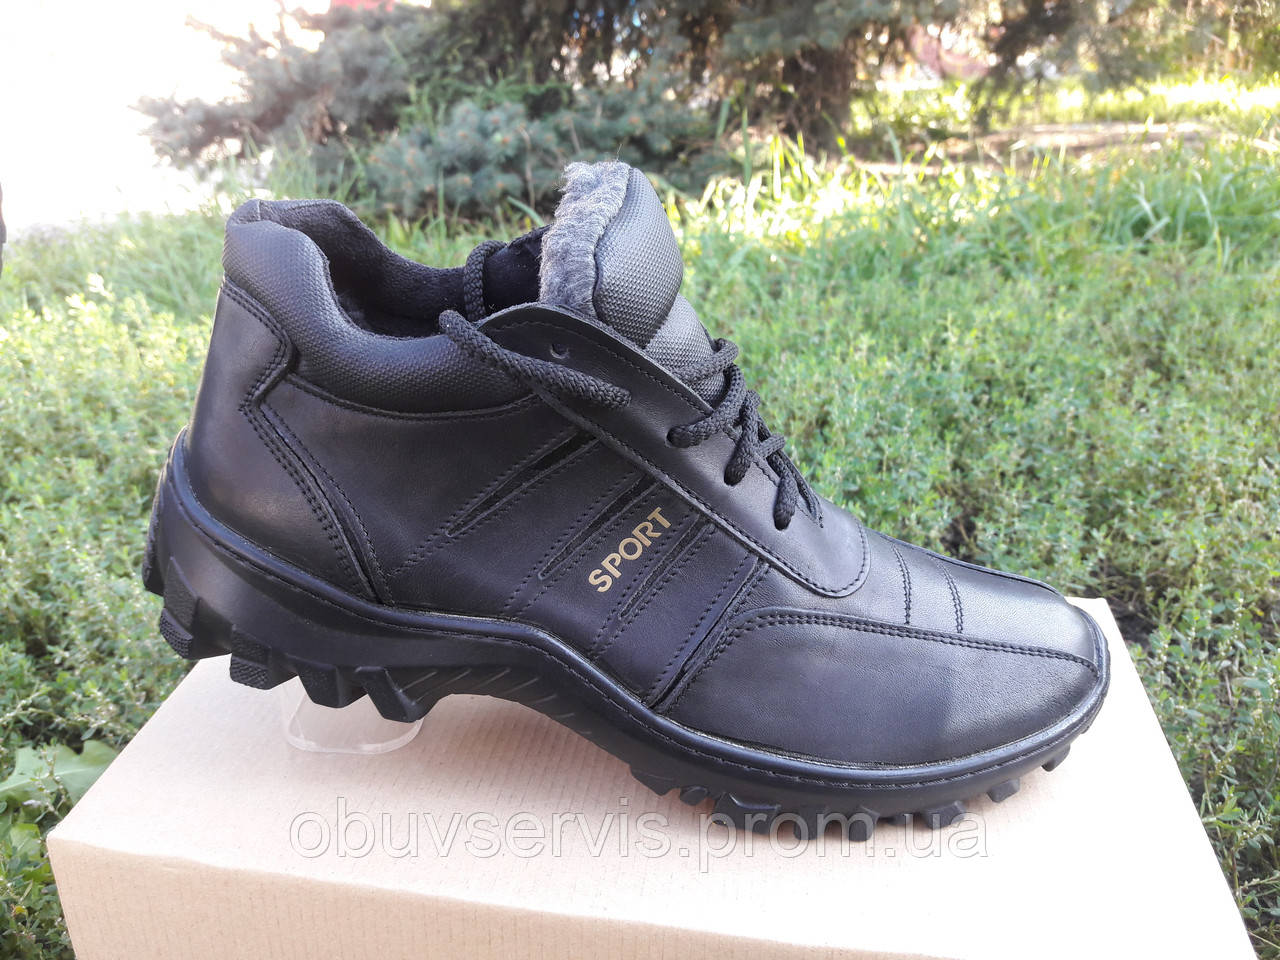 2b1cf4ffdb80 Зимние мужские кожаные ботинки 03 Б GRAS Размерный ряд: 40-45 черного  цвета: продажа, ...